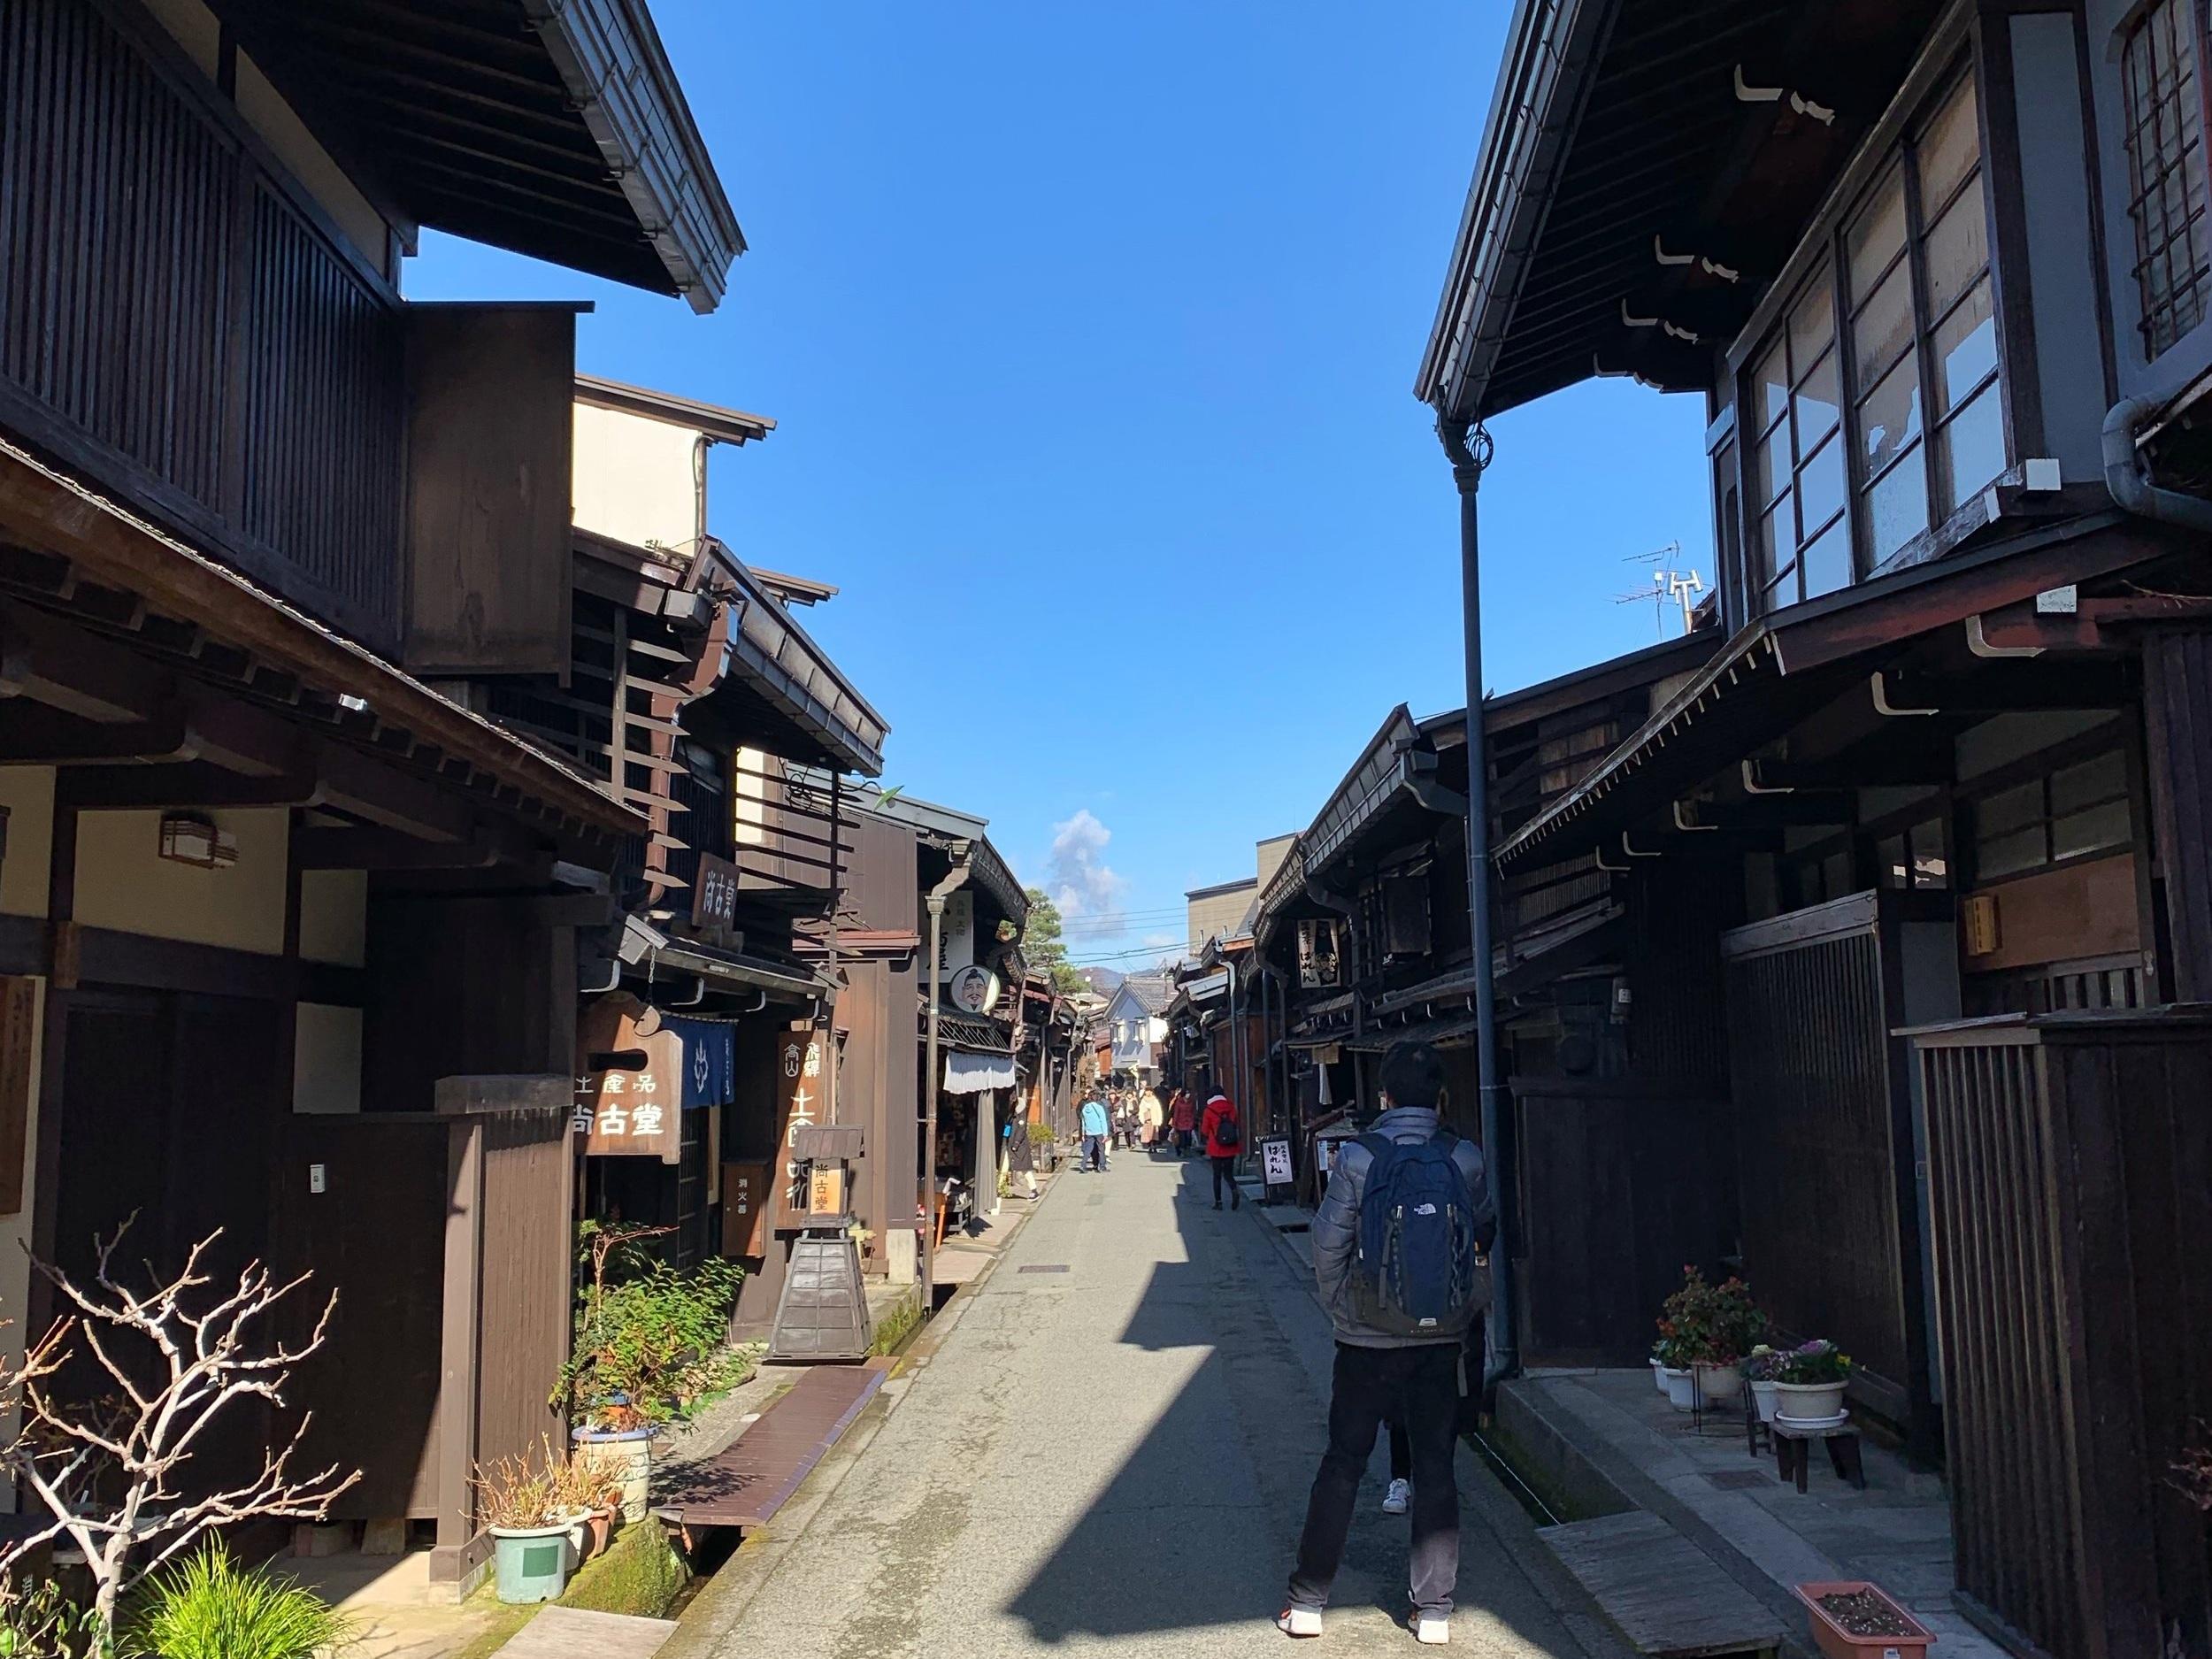 takayama old town japan